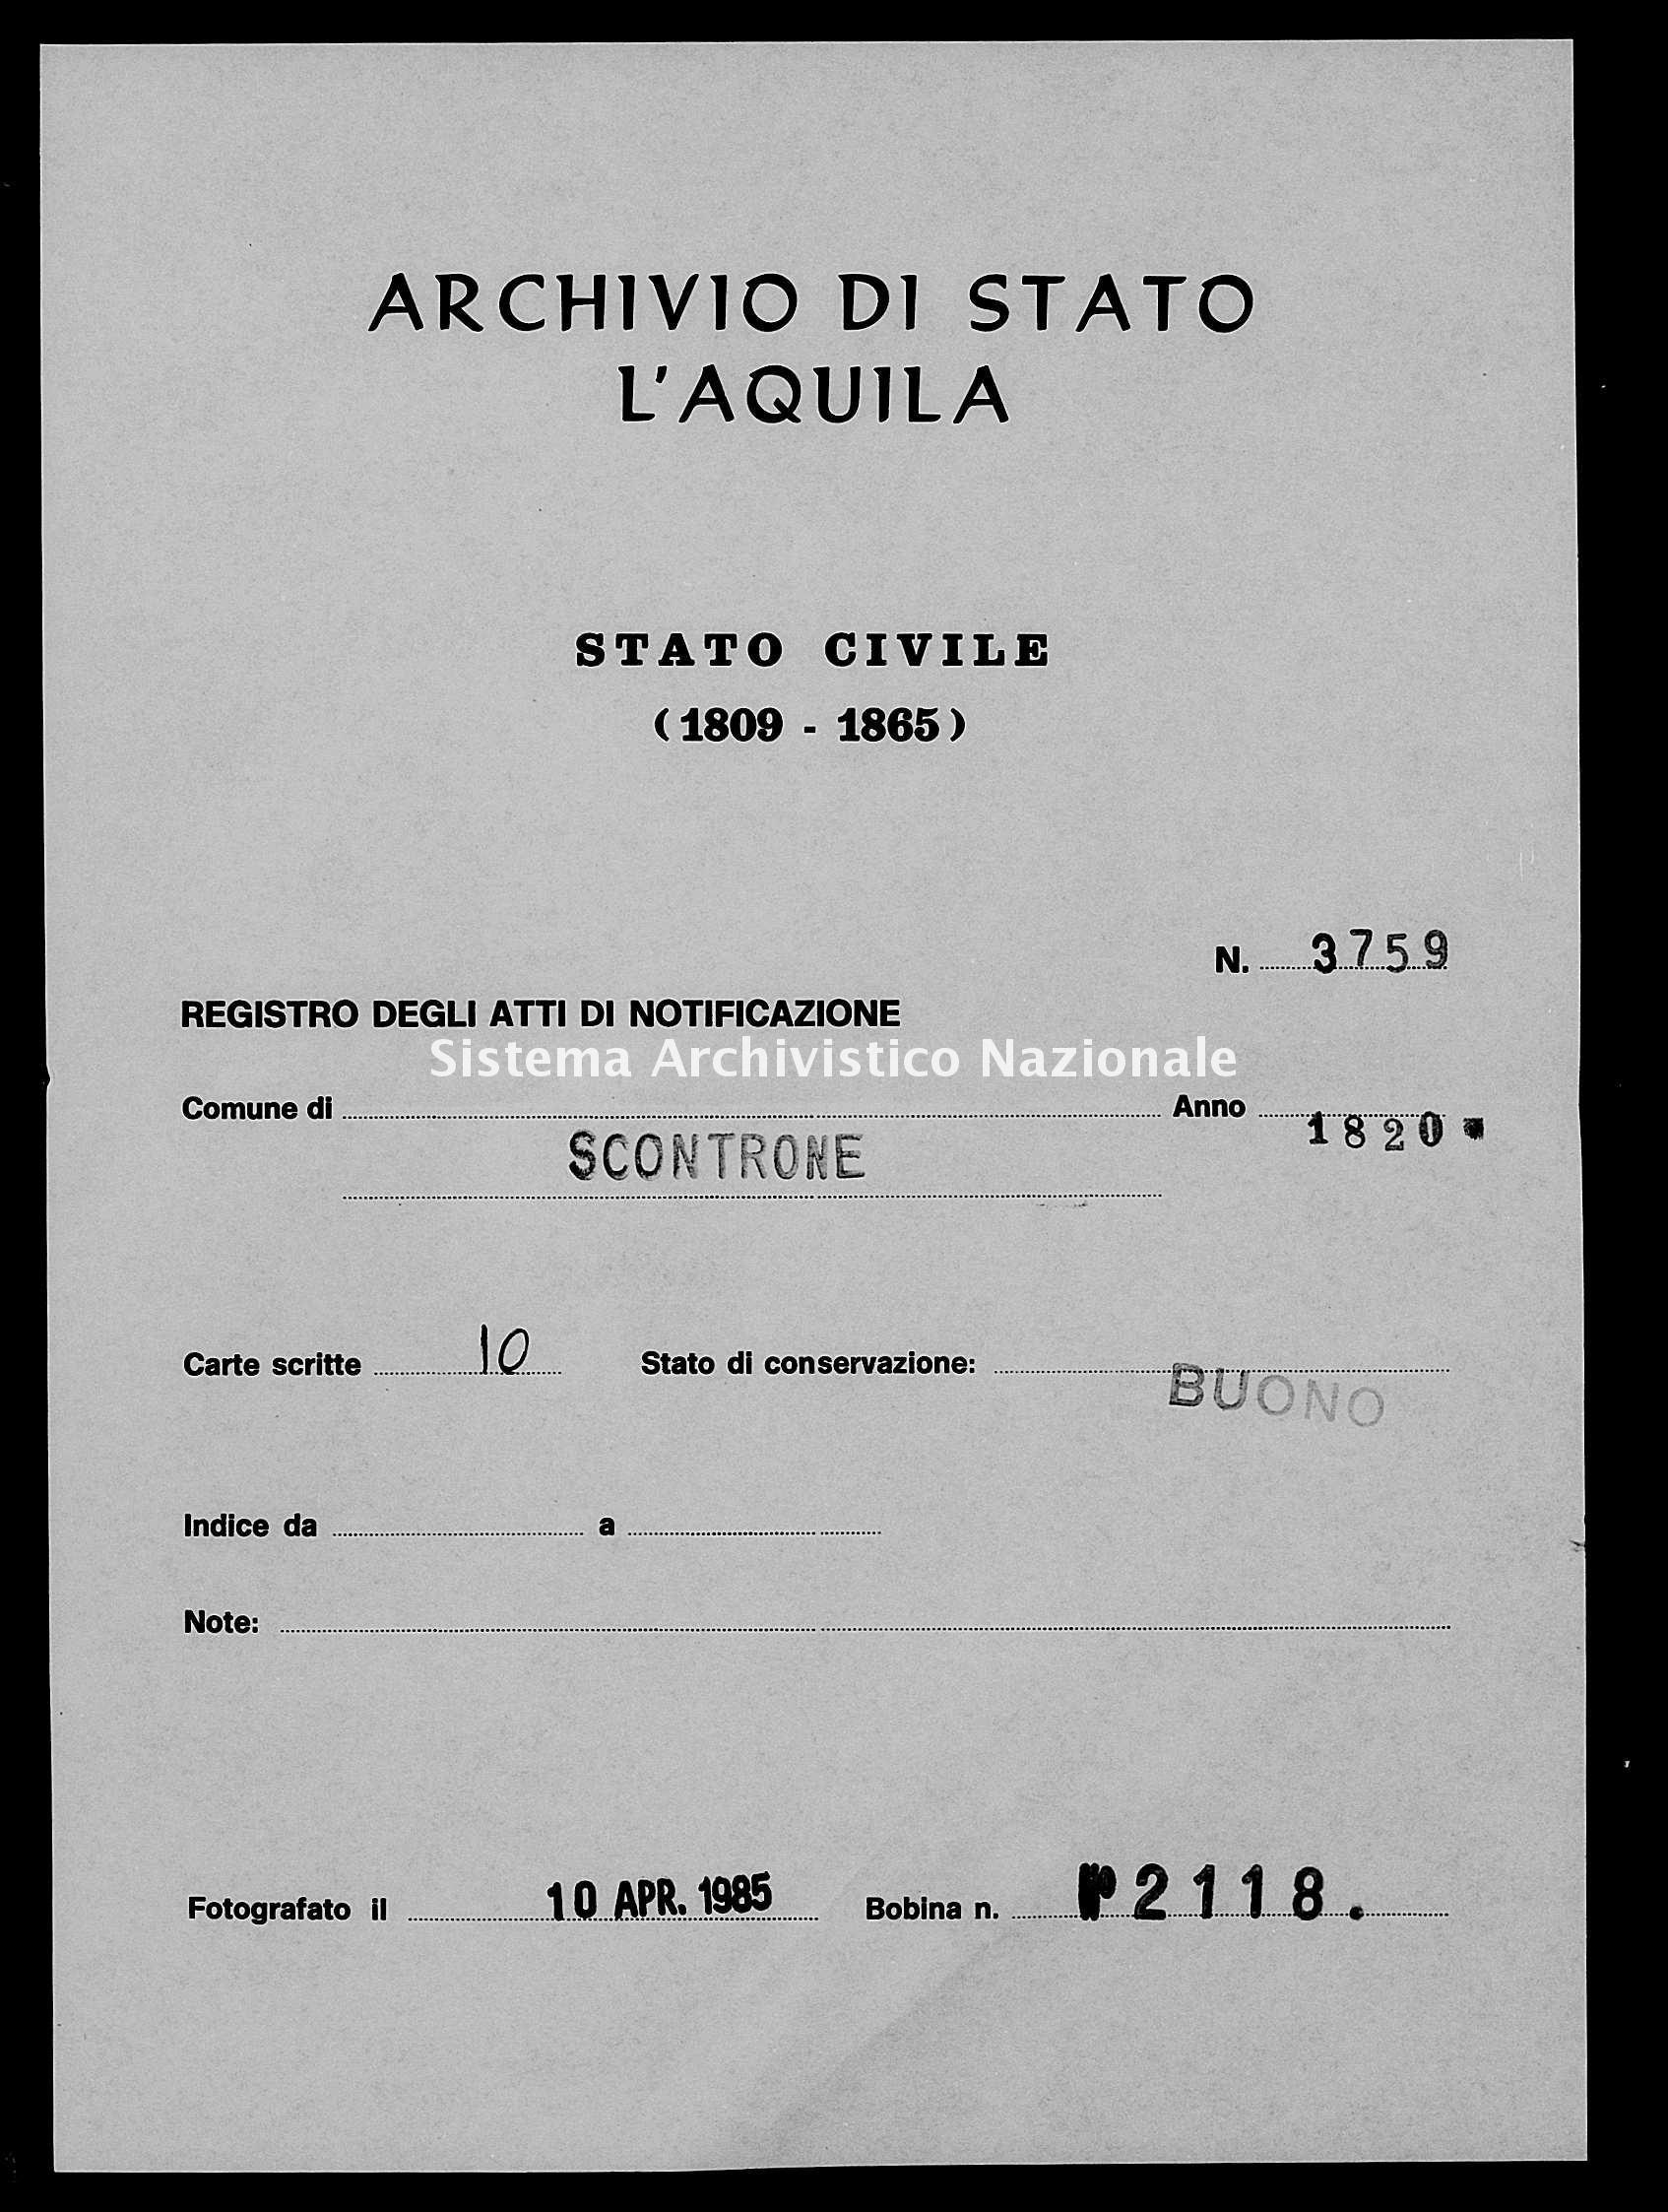 Archivio di stato di L'aquila - Stato civile della restaurazione - Scontrone - Matrimoni, memorandum notificazioni ed opposizioni - 1820 - 3759 -